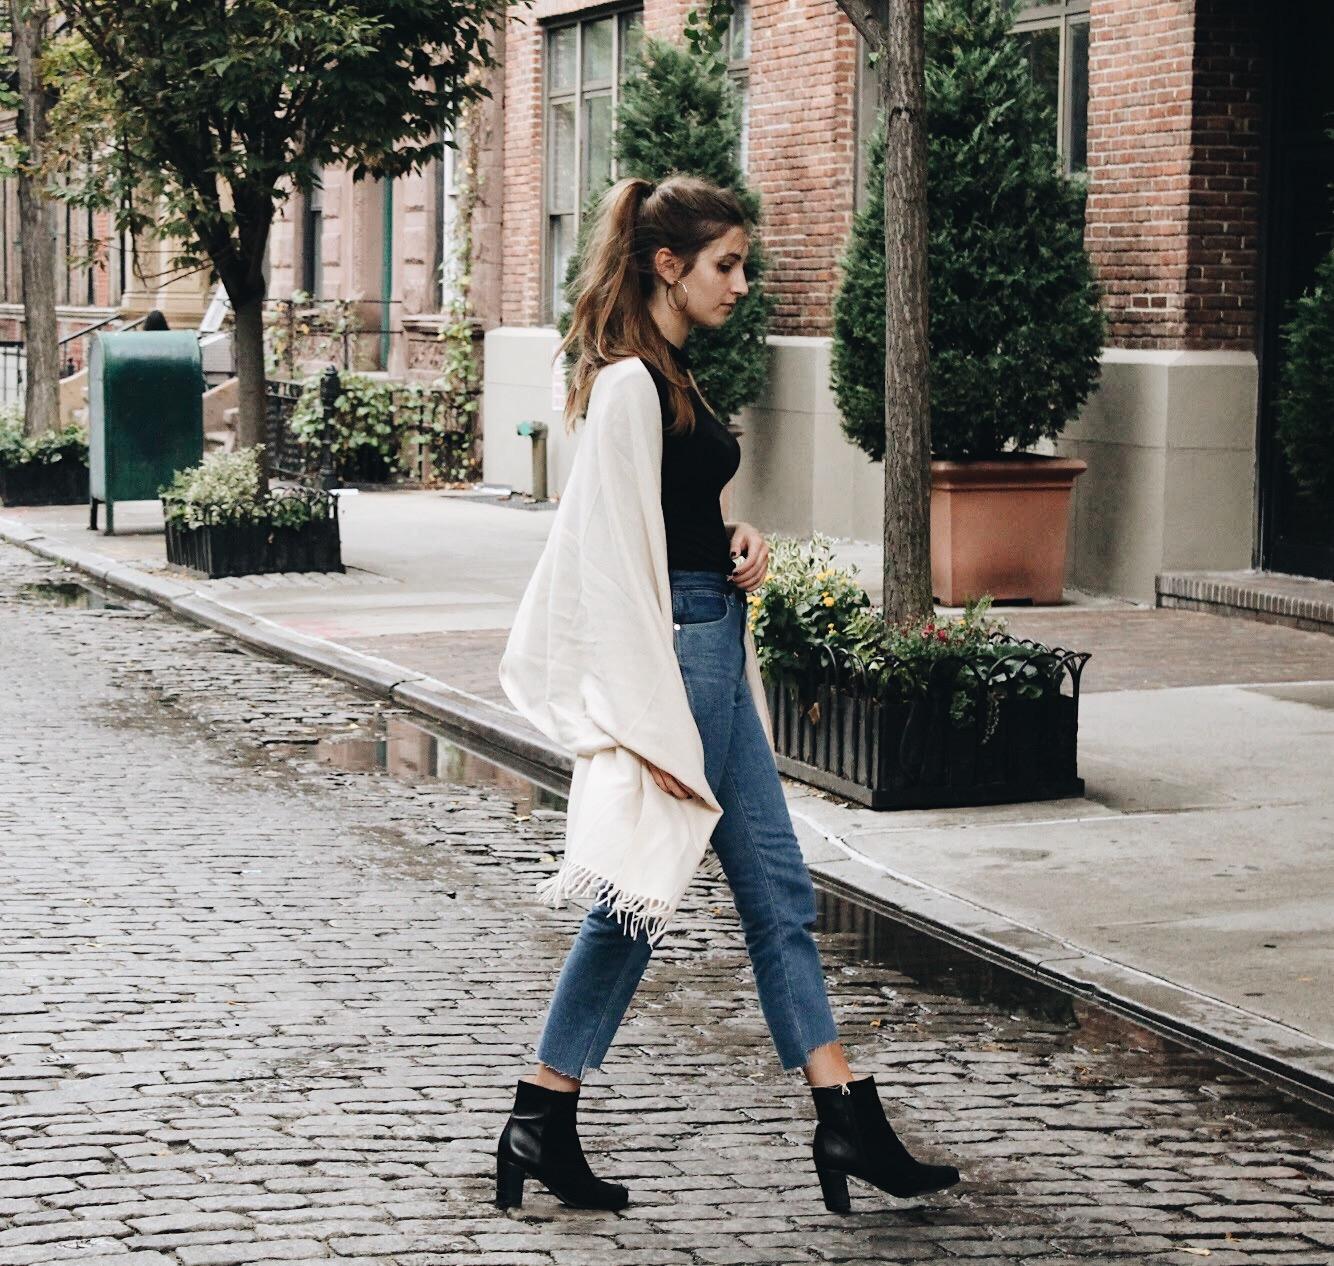 Cashmere Scarf Fall Outfit   WhatKumquat.com